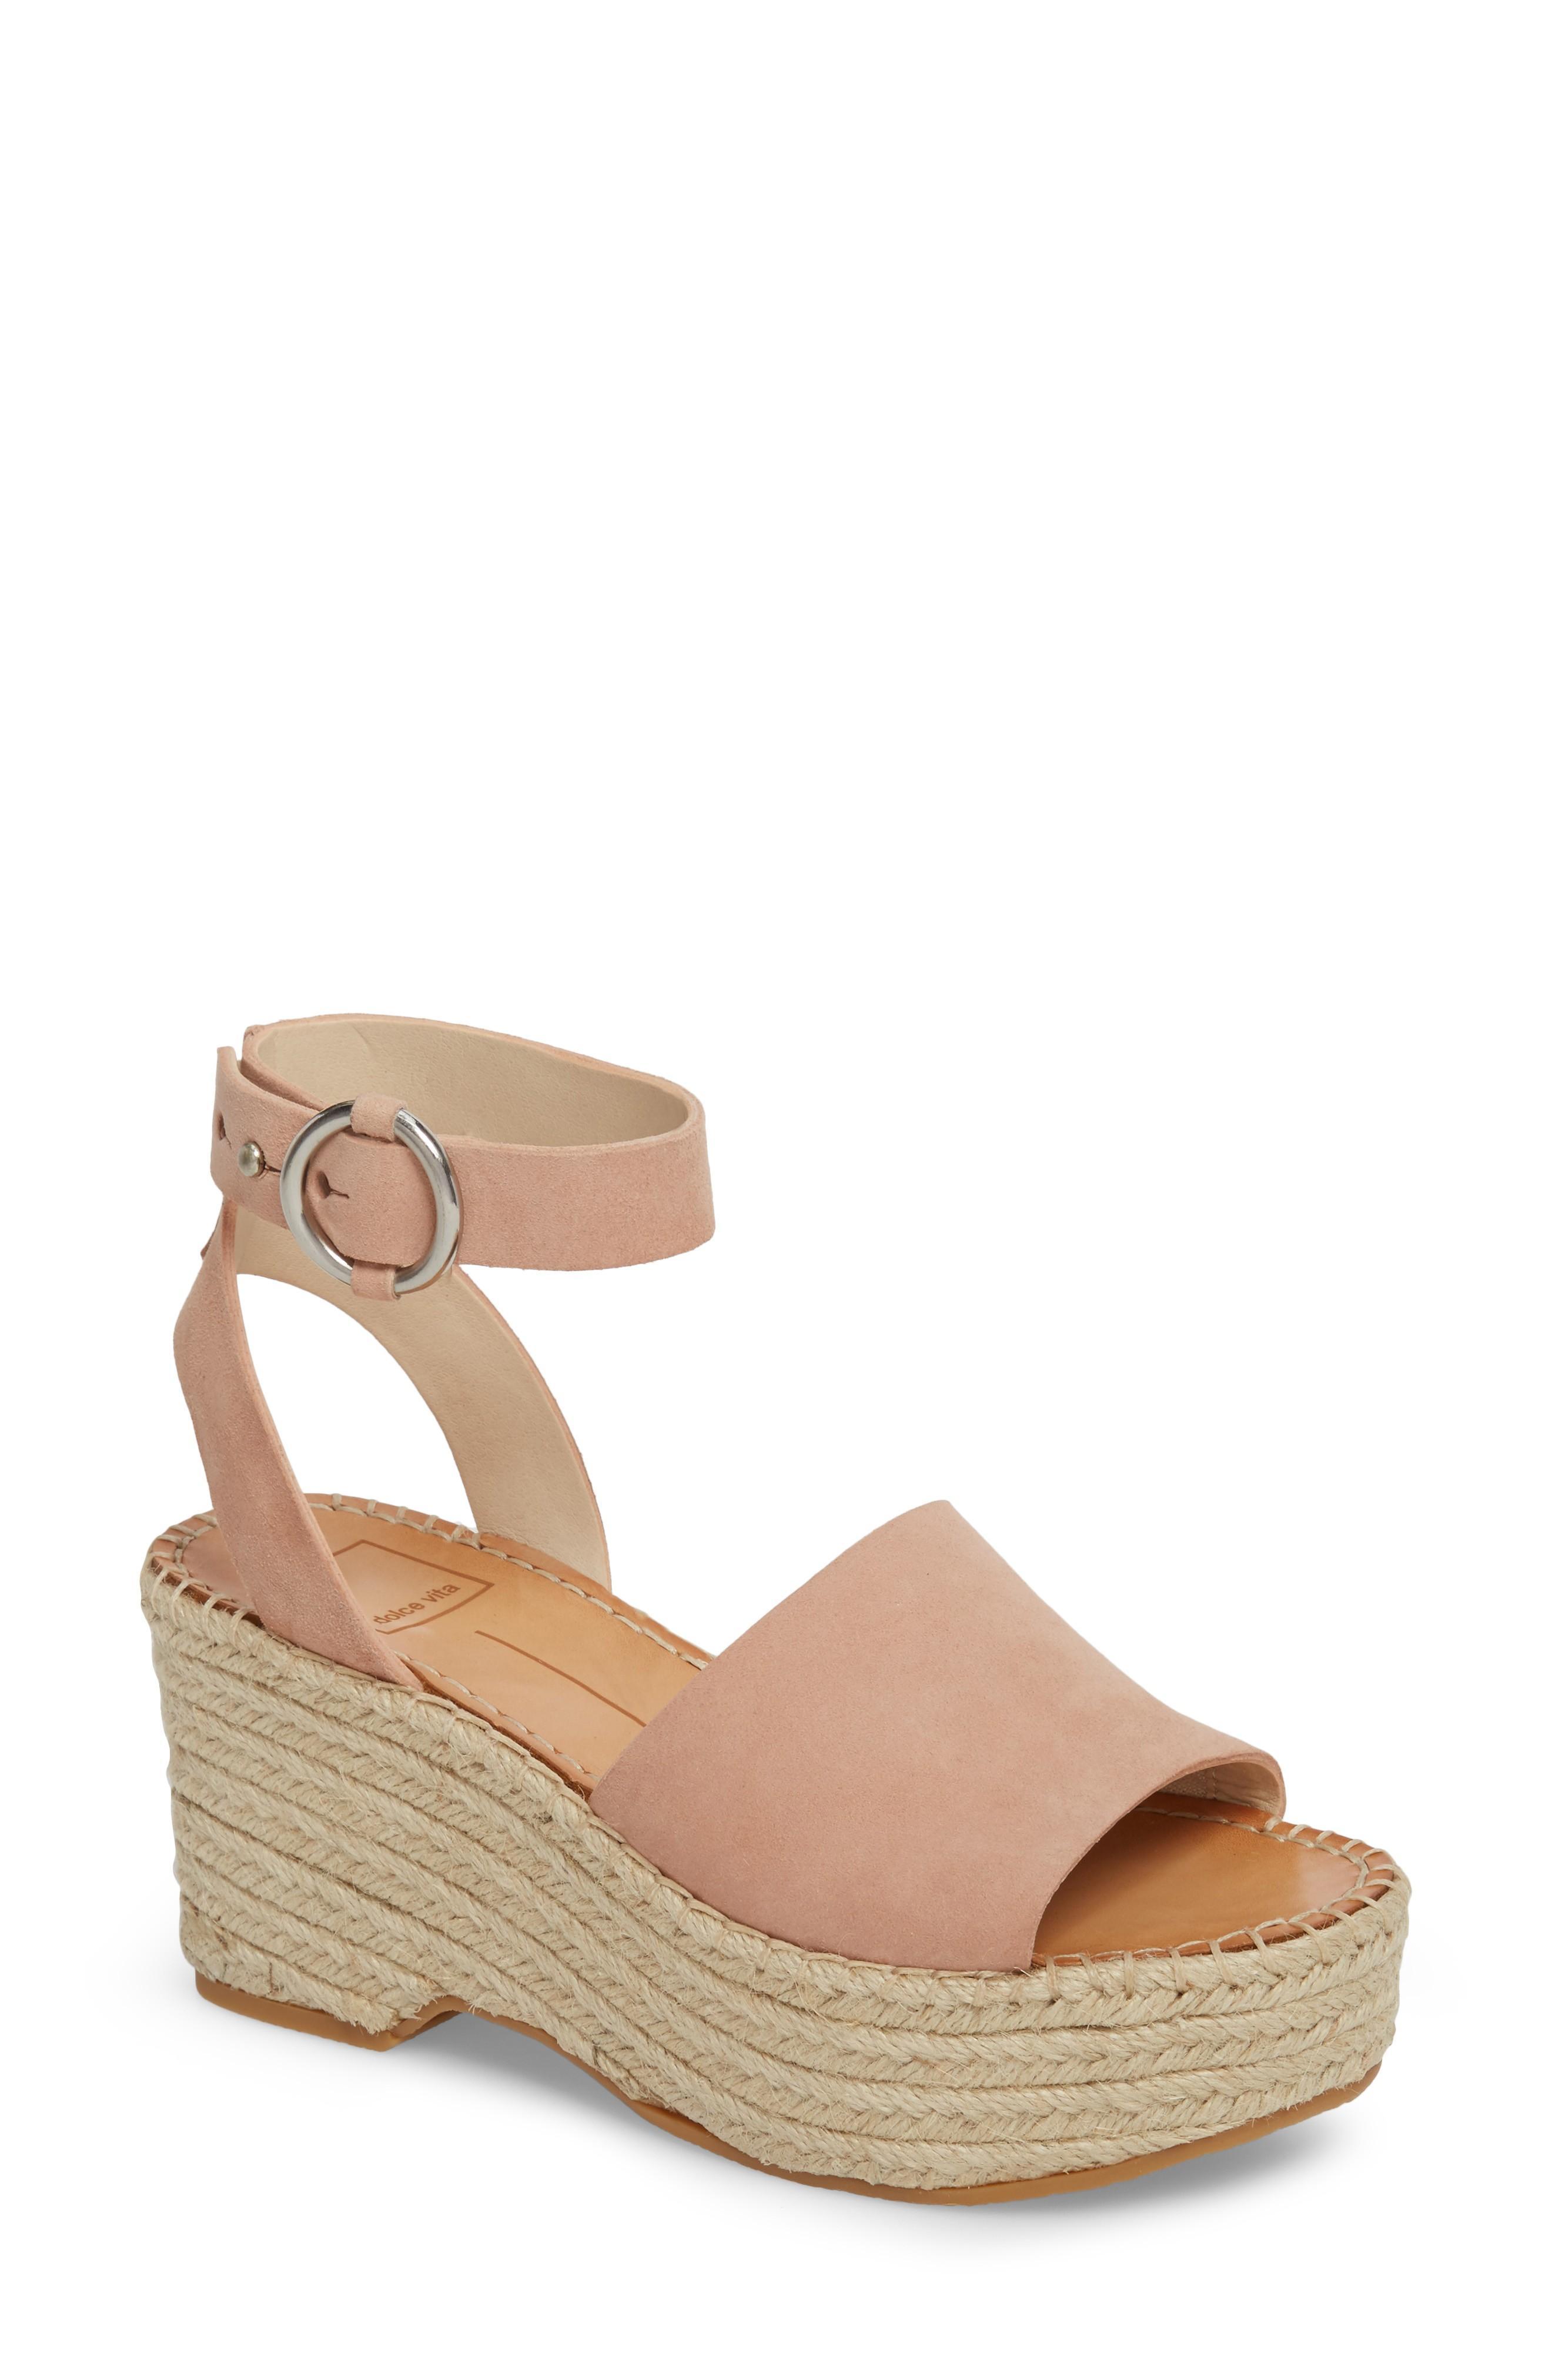 dc0ca159f166 Dolce Vita Lesly Espadrille Platform Sandal In Rose Suede